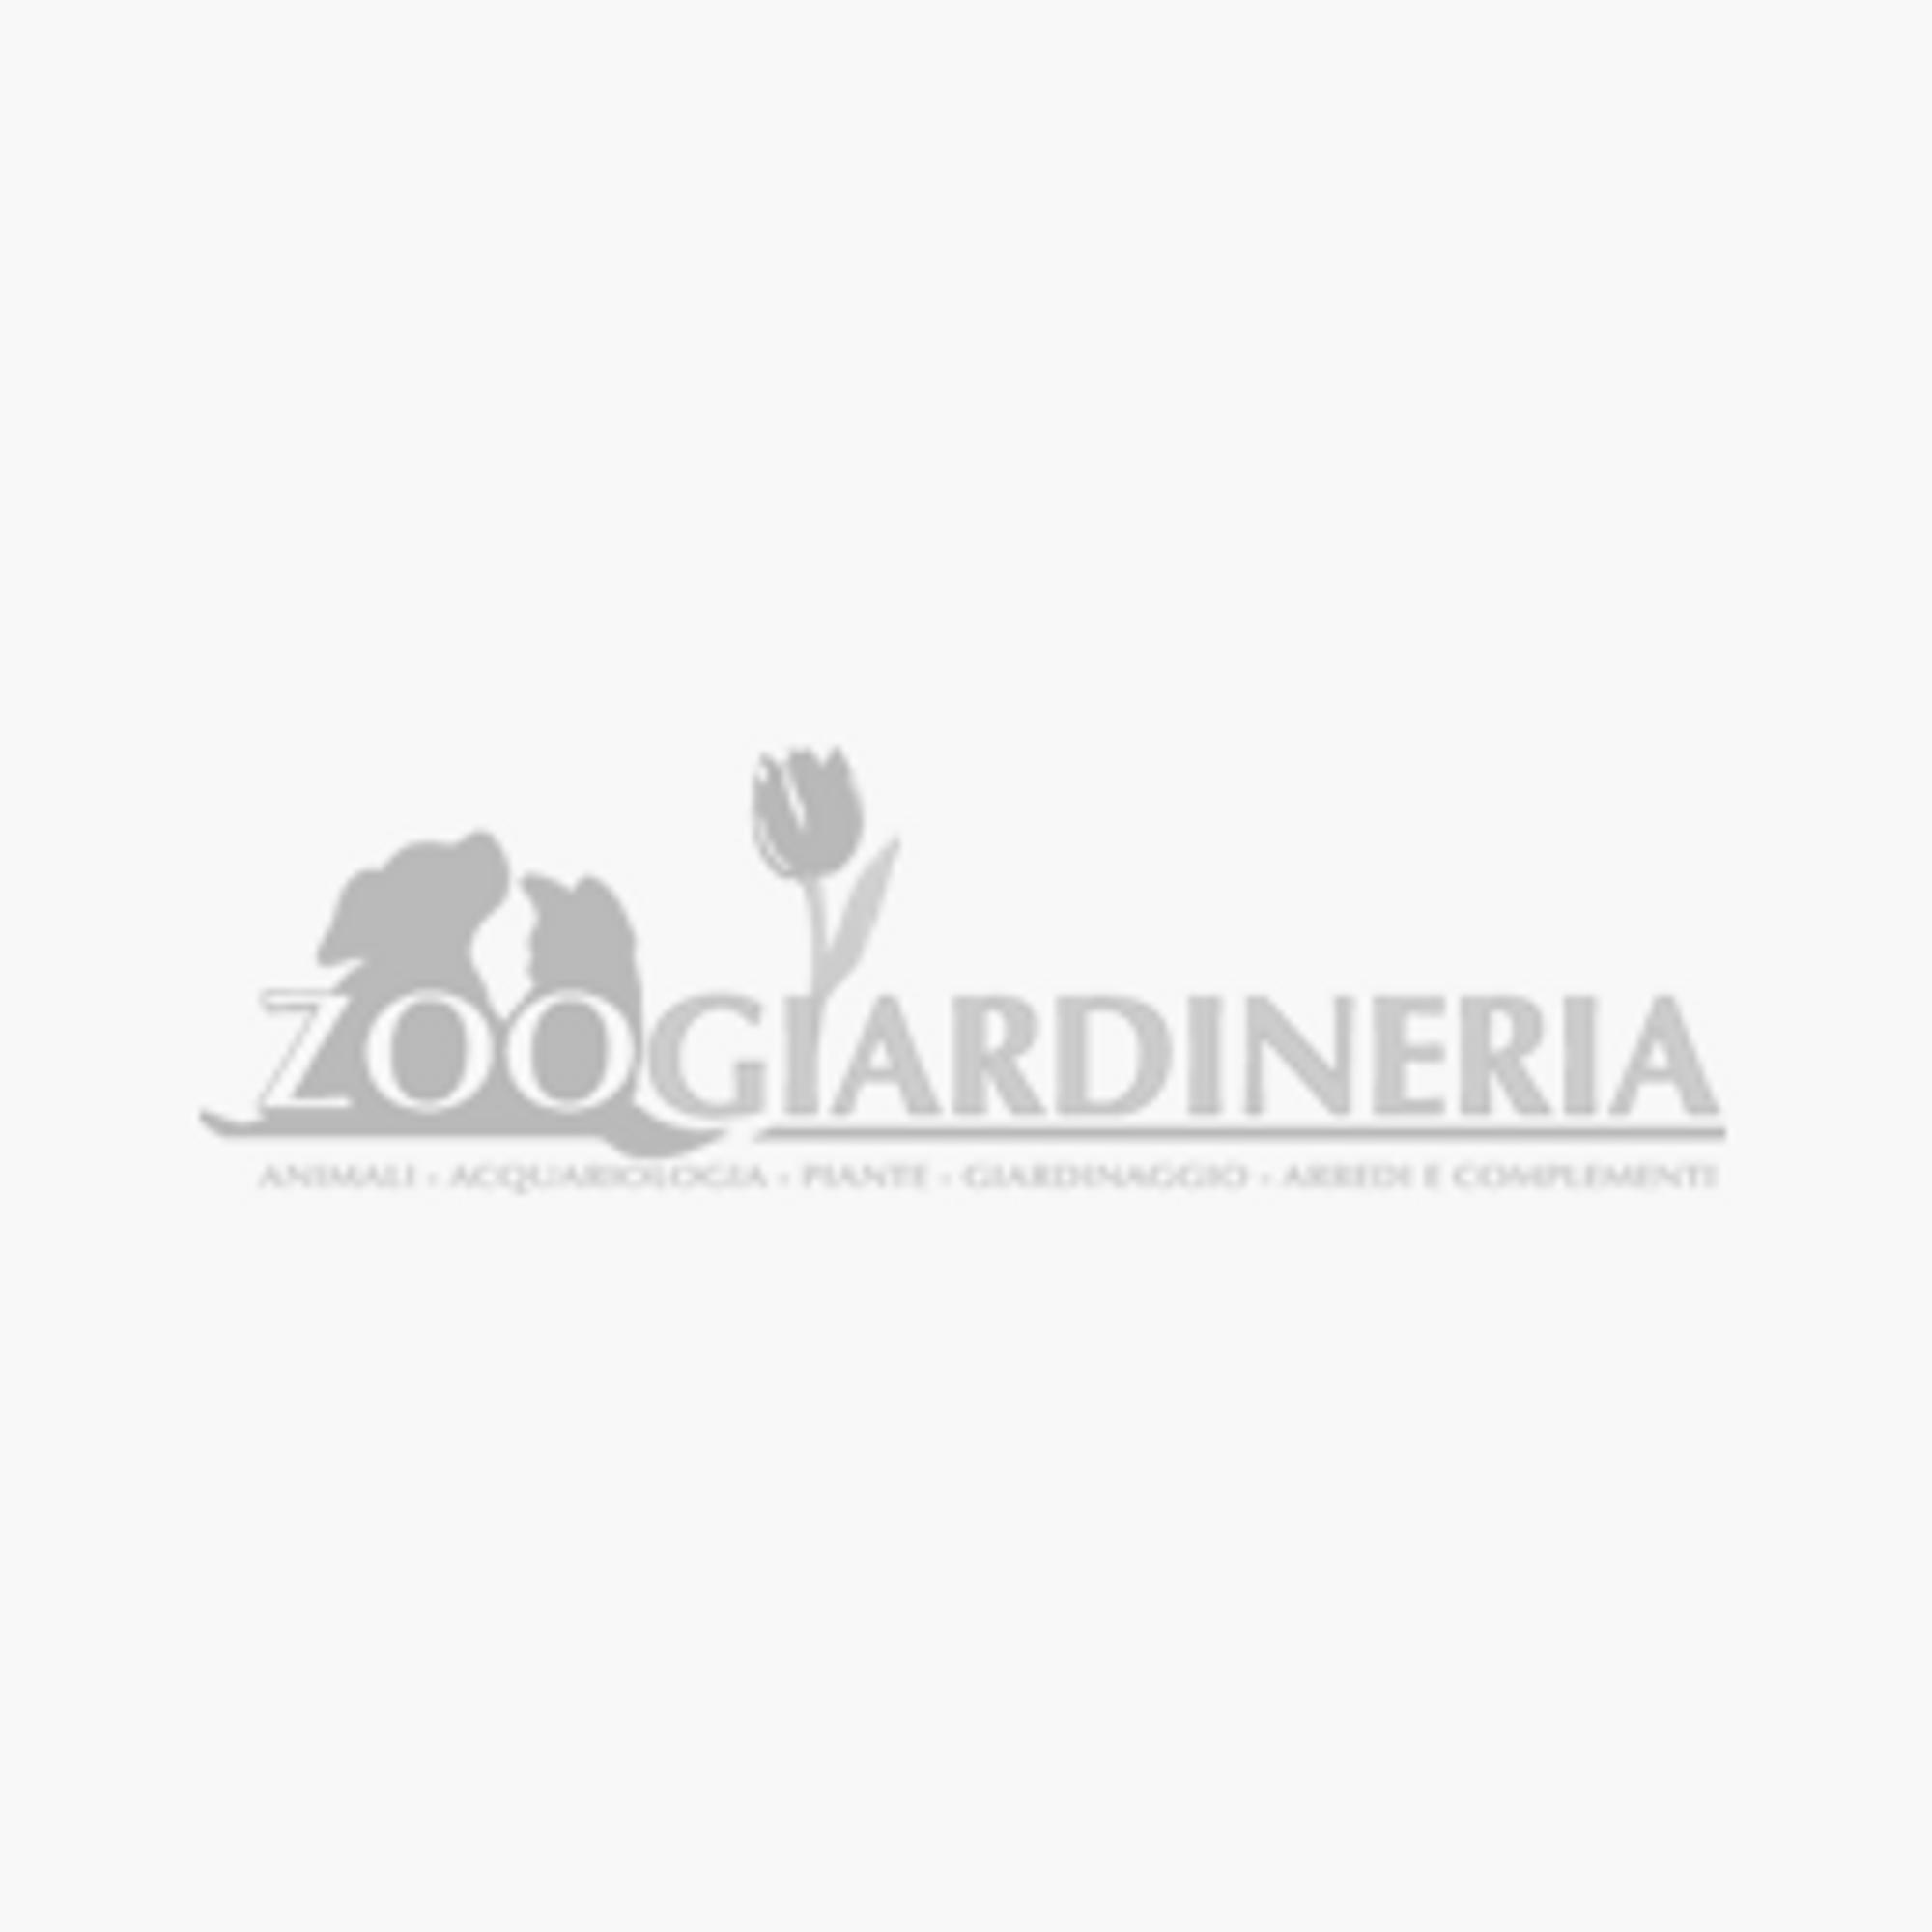 Bayer Guanti detergenti con Olio di Semi di Lino 5 guanti